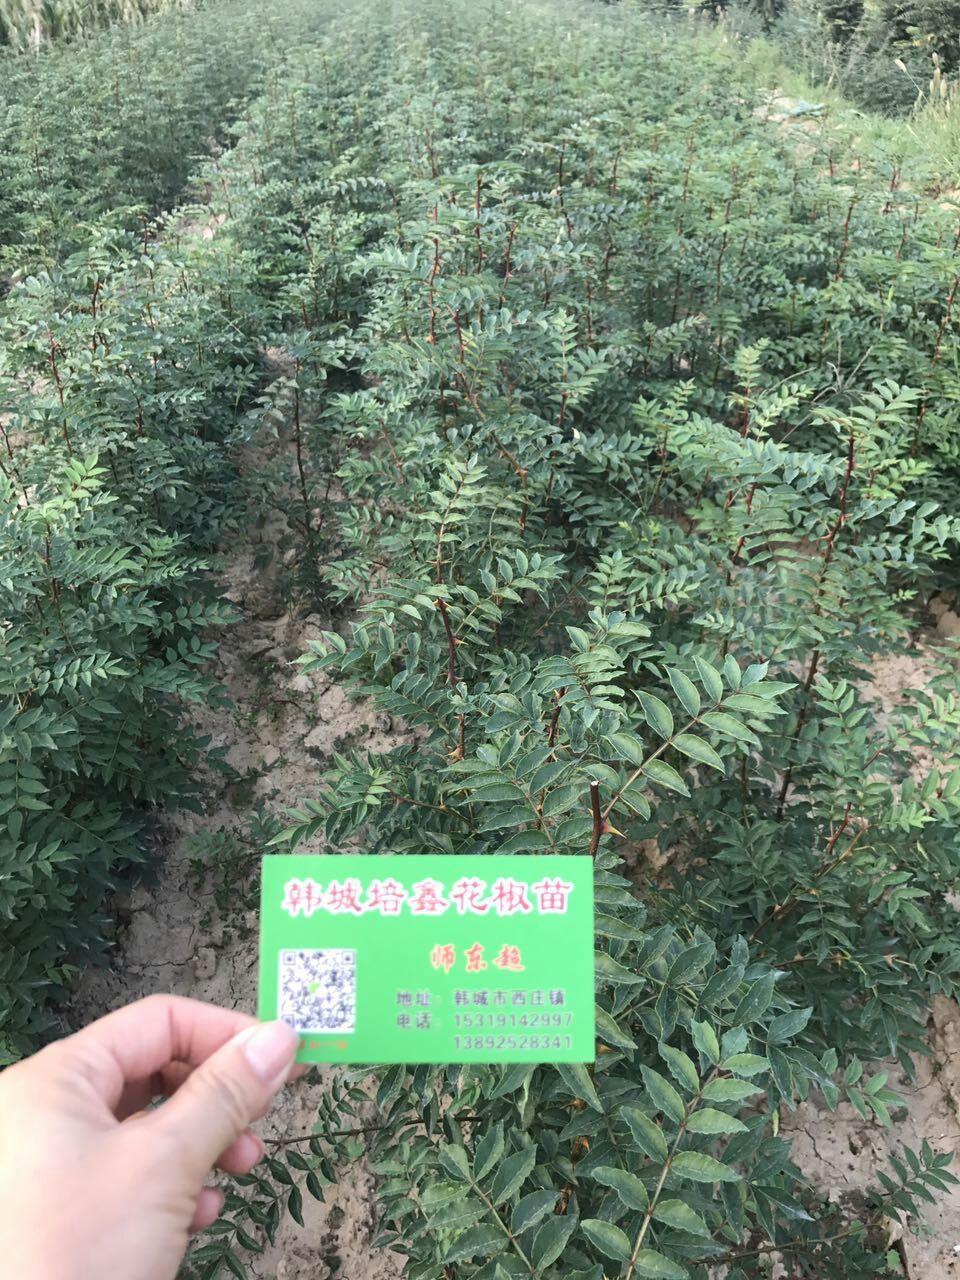 花椒的育苗、修剪、采摘、晾晒、储存等